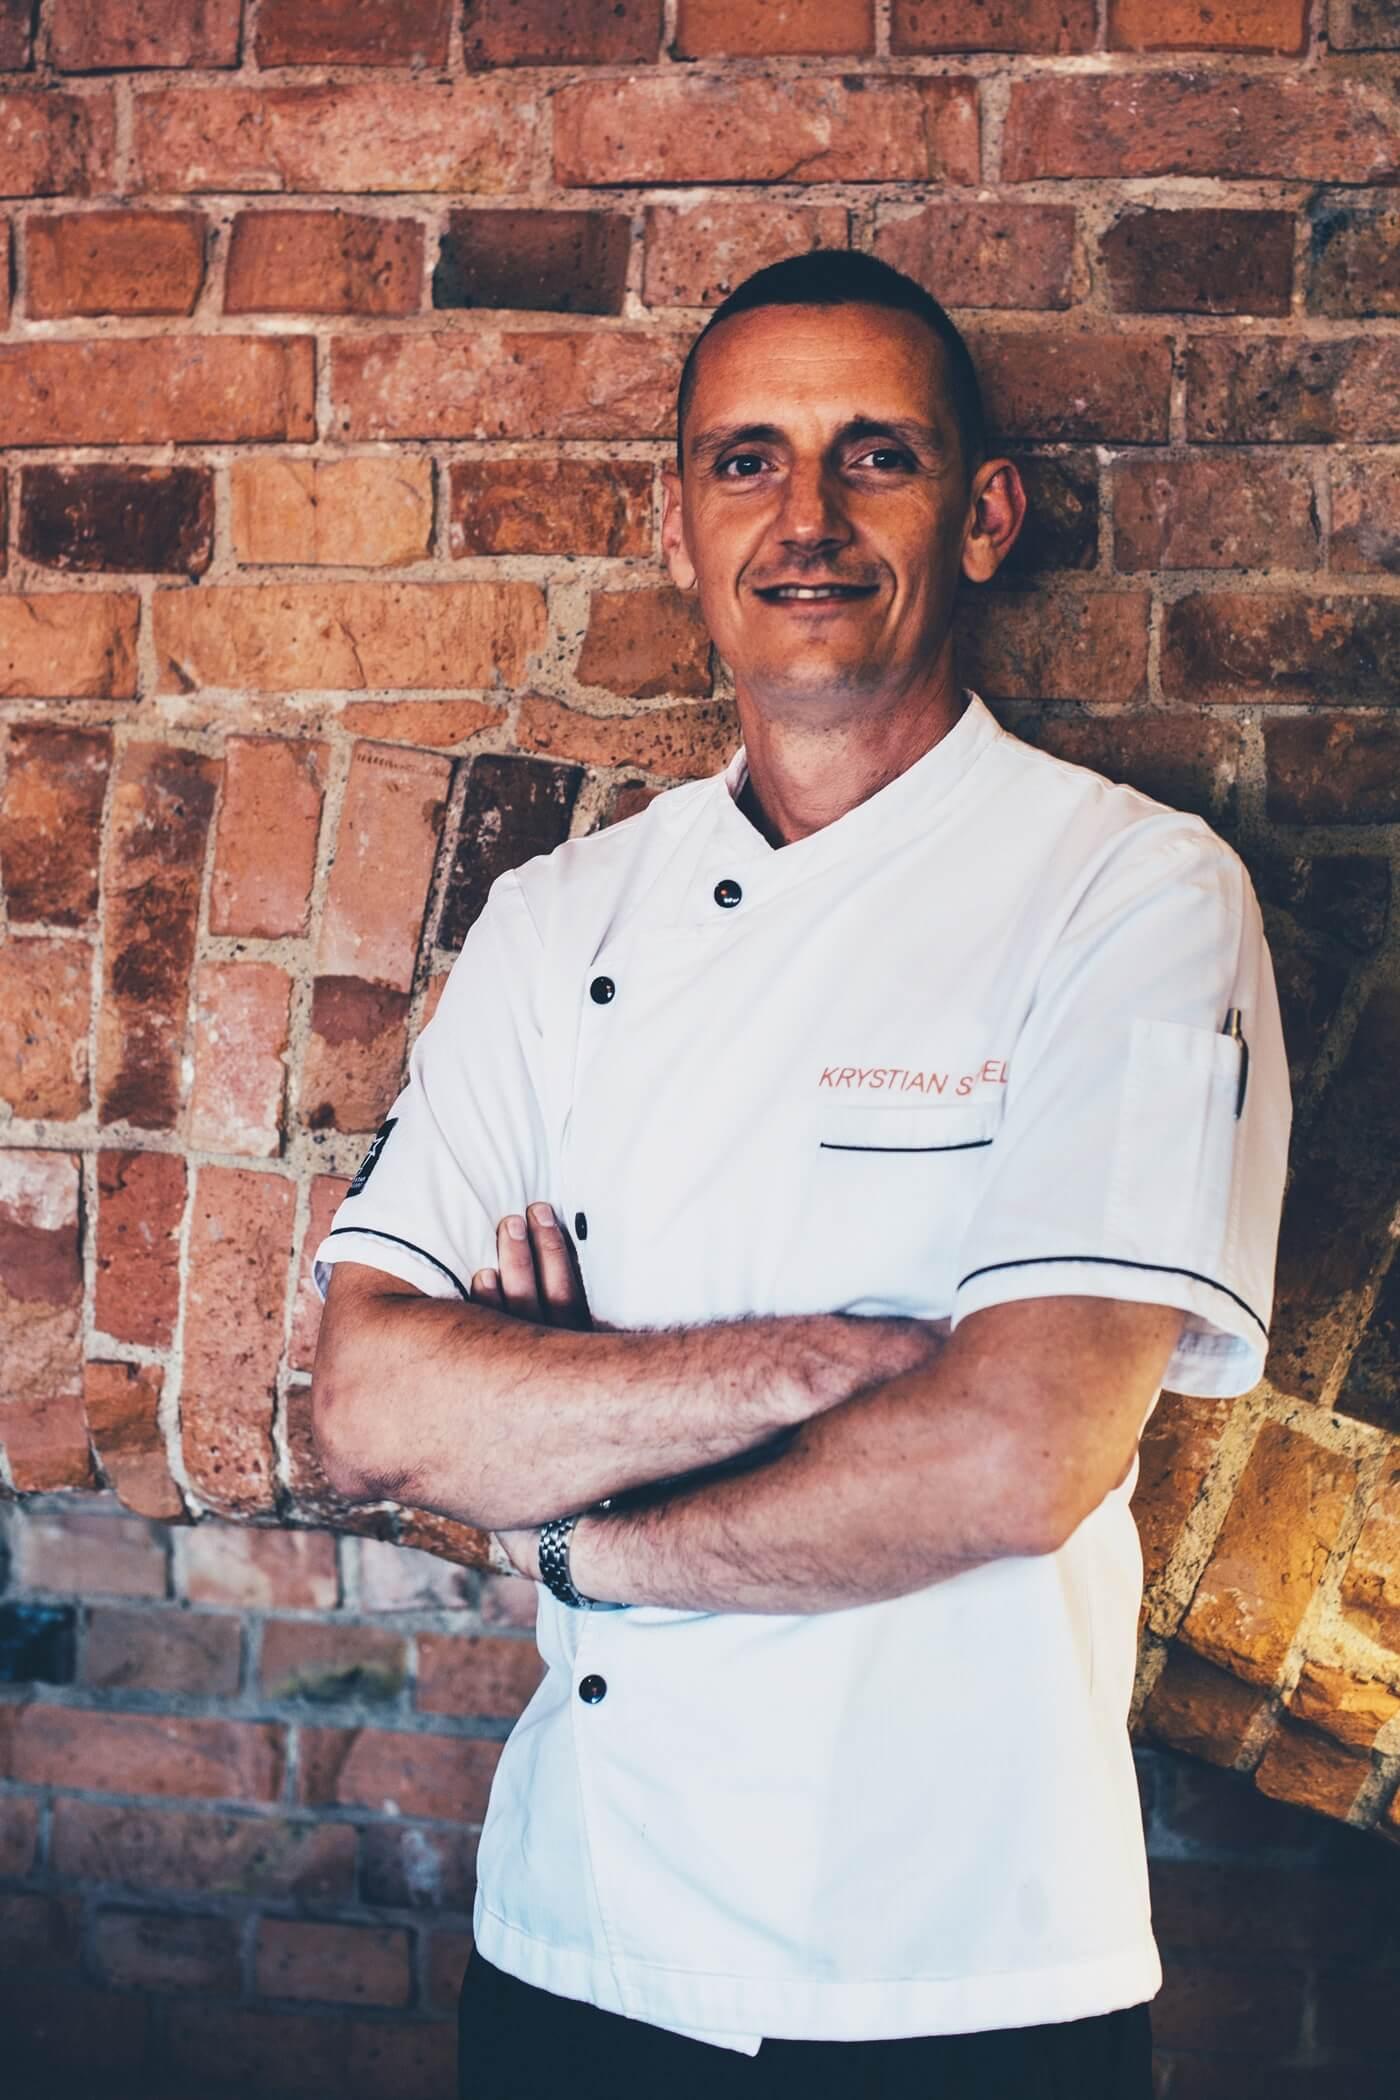 Chef of Cafe Polskie Smaki Restaurant in Sopot